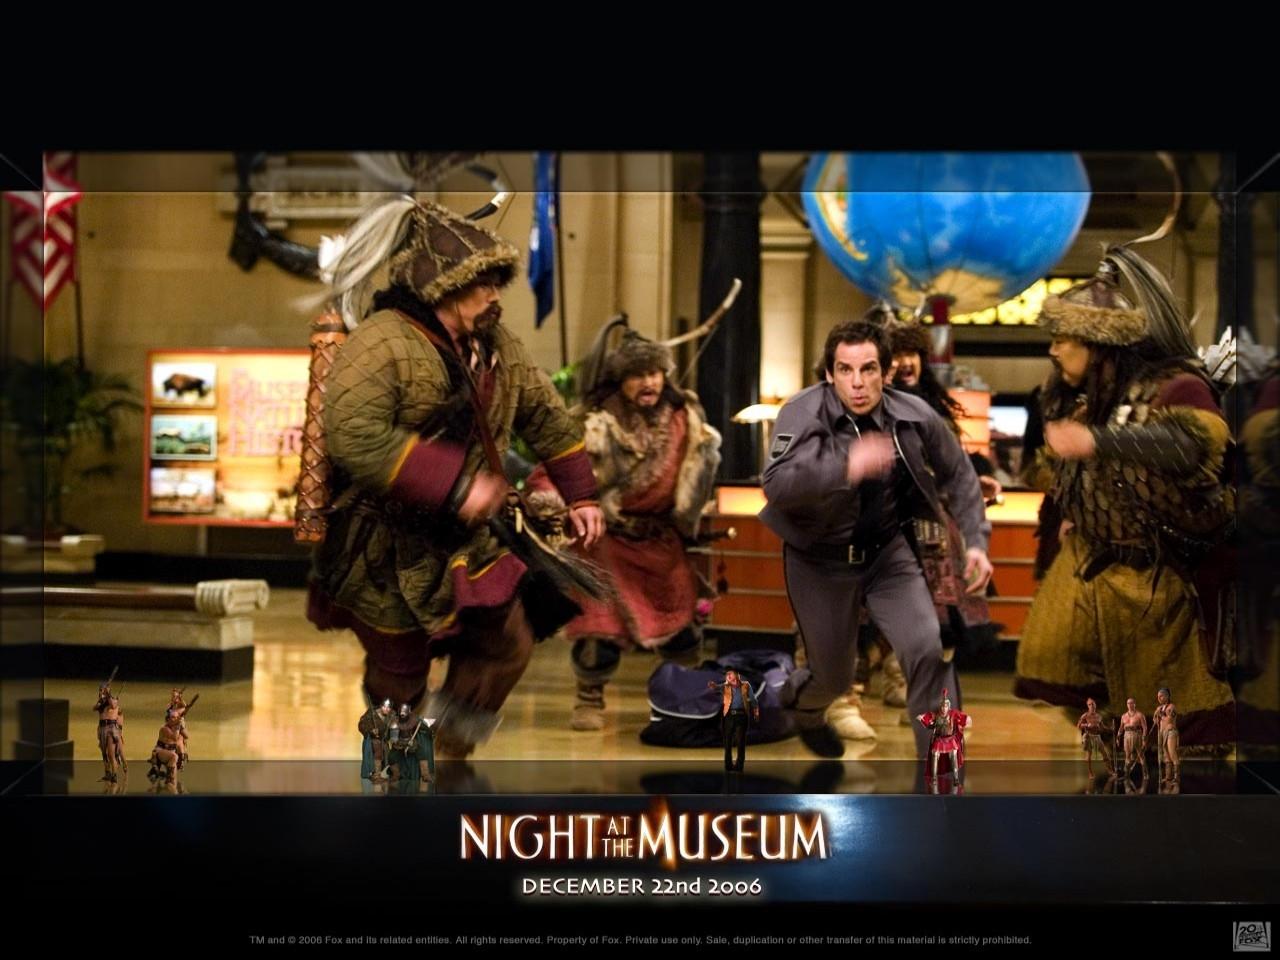 Wallpaper della commedia Una notte al museo